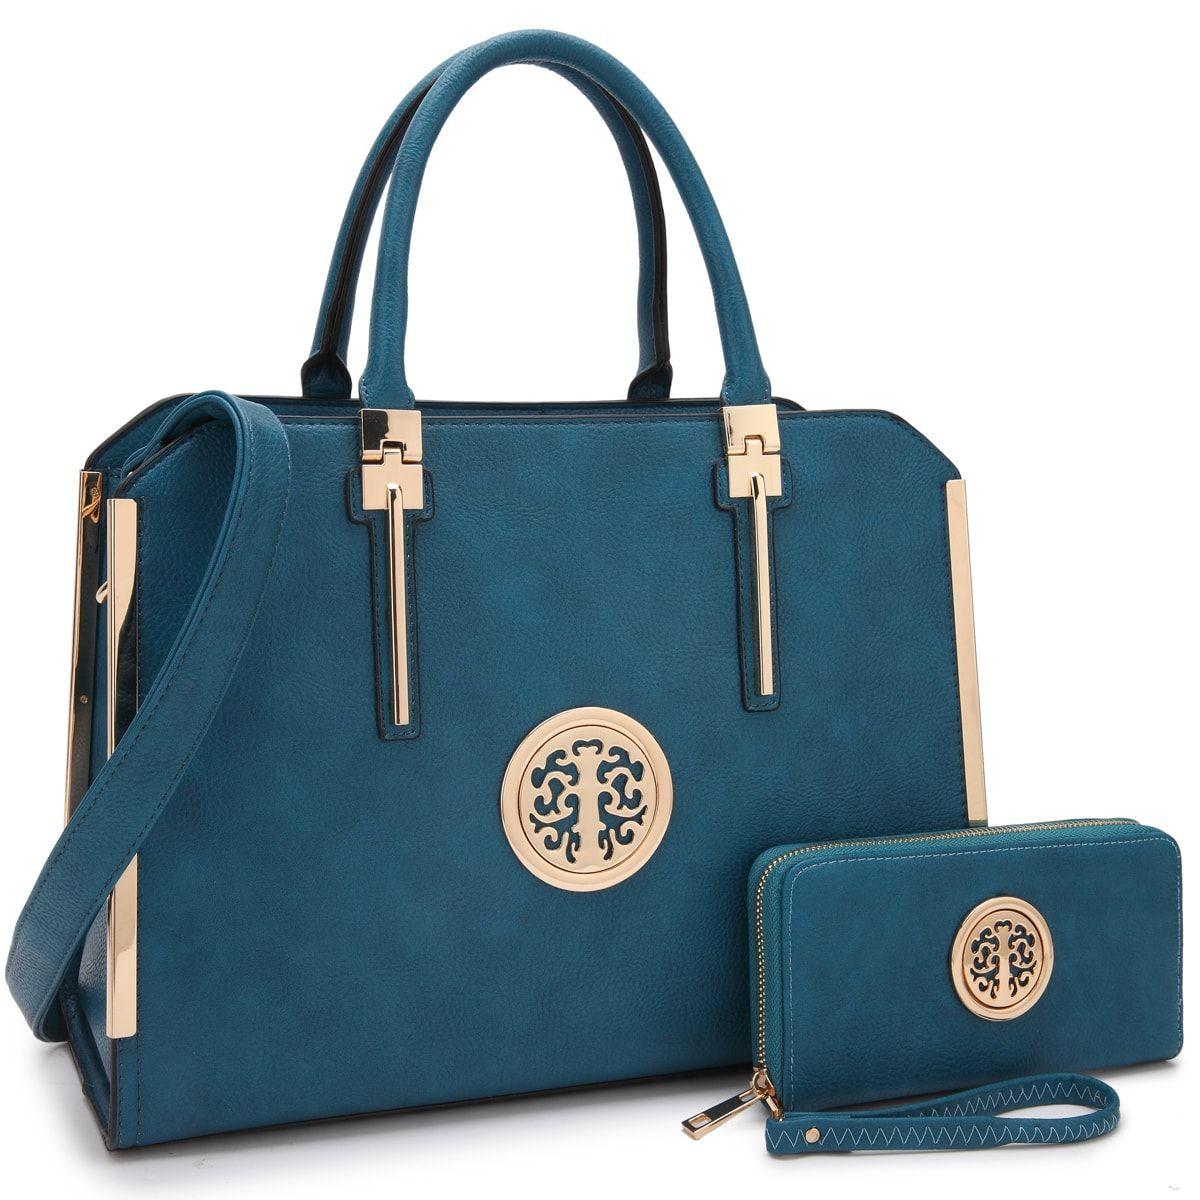 b4a67dea110d Large Satchel Handbag Designer Purse Wallet Set Top Handle Shoulder Bag 2  pieces - 7555-dark Beige - CA186GMAUT5